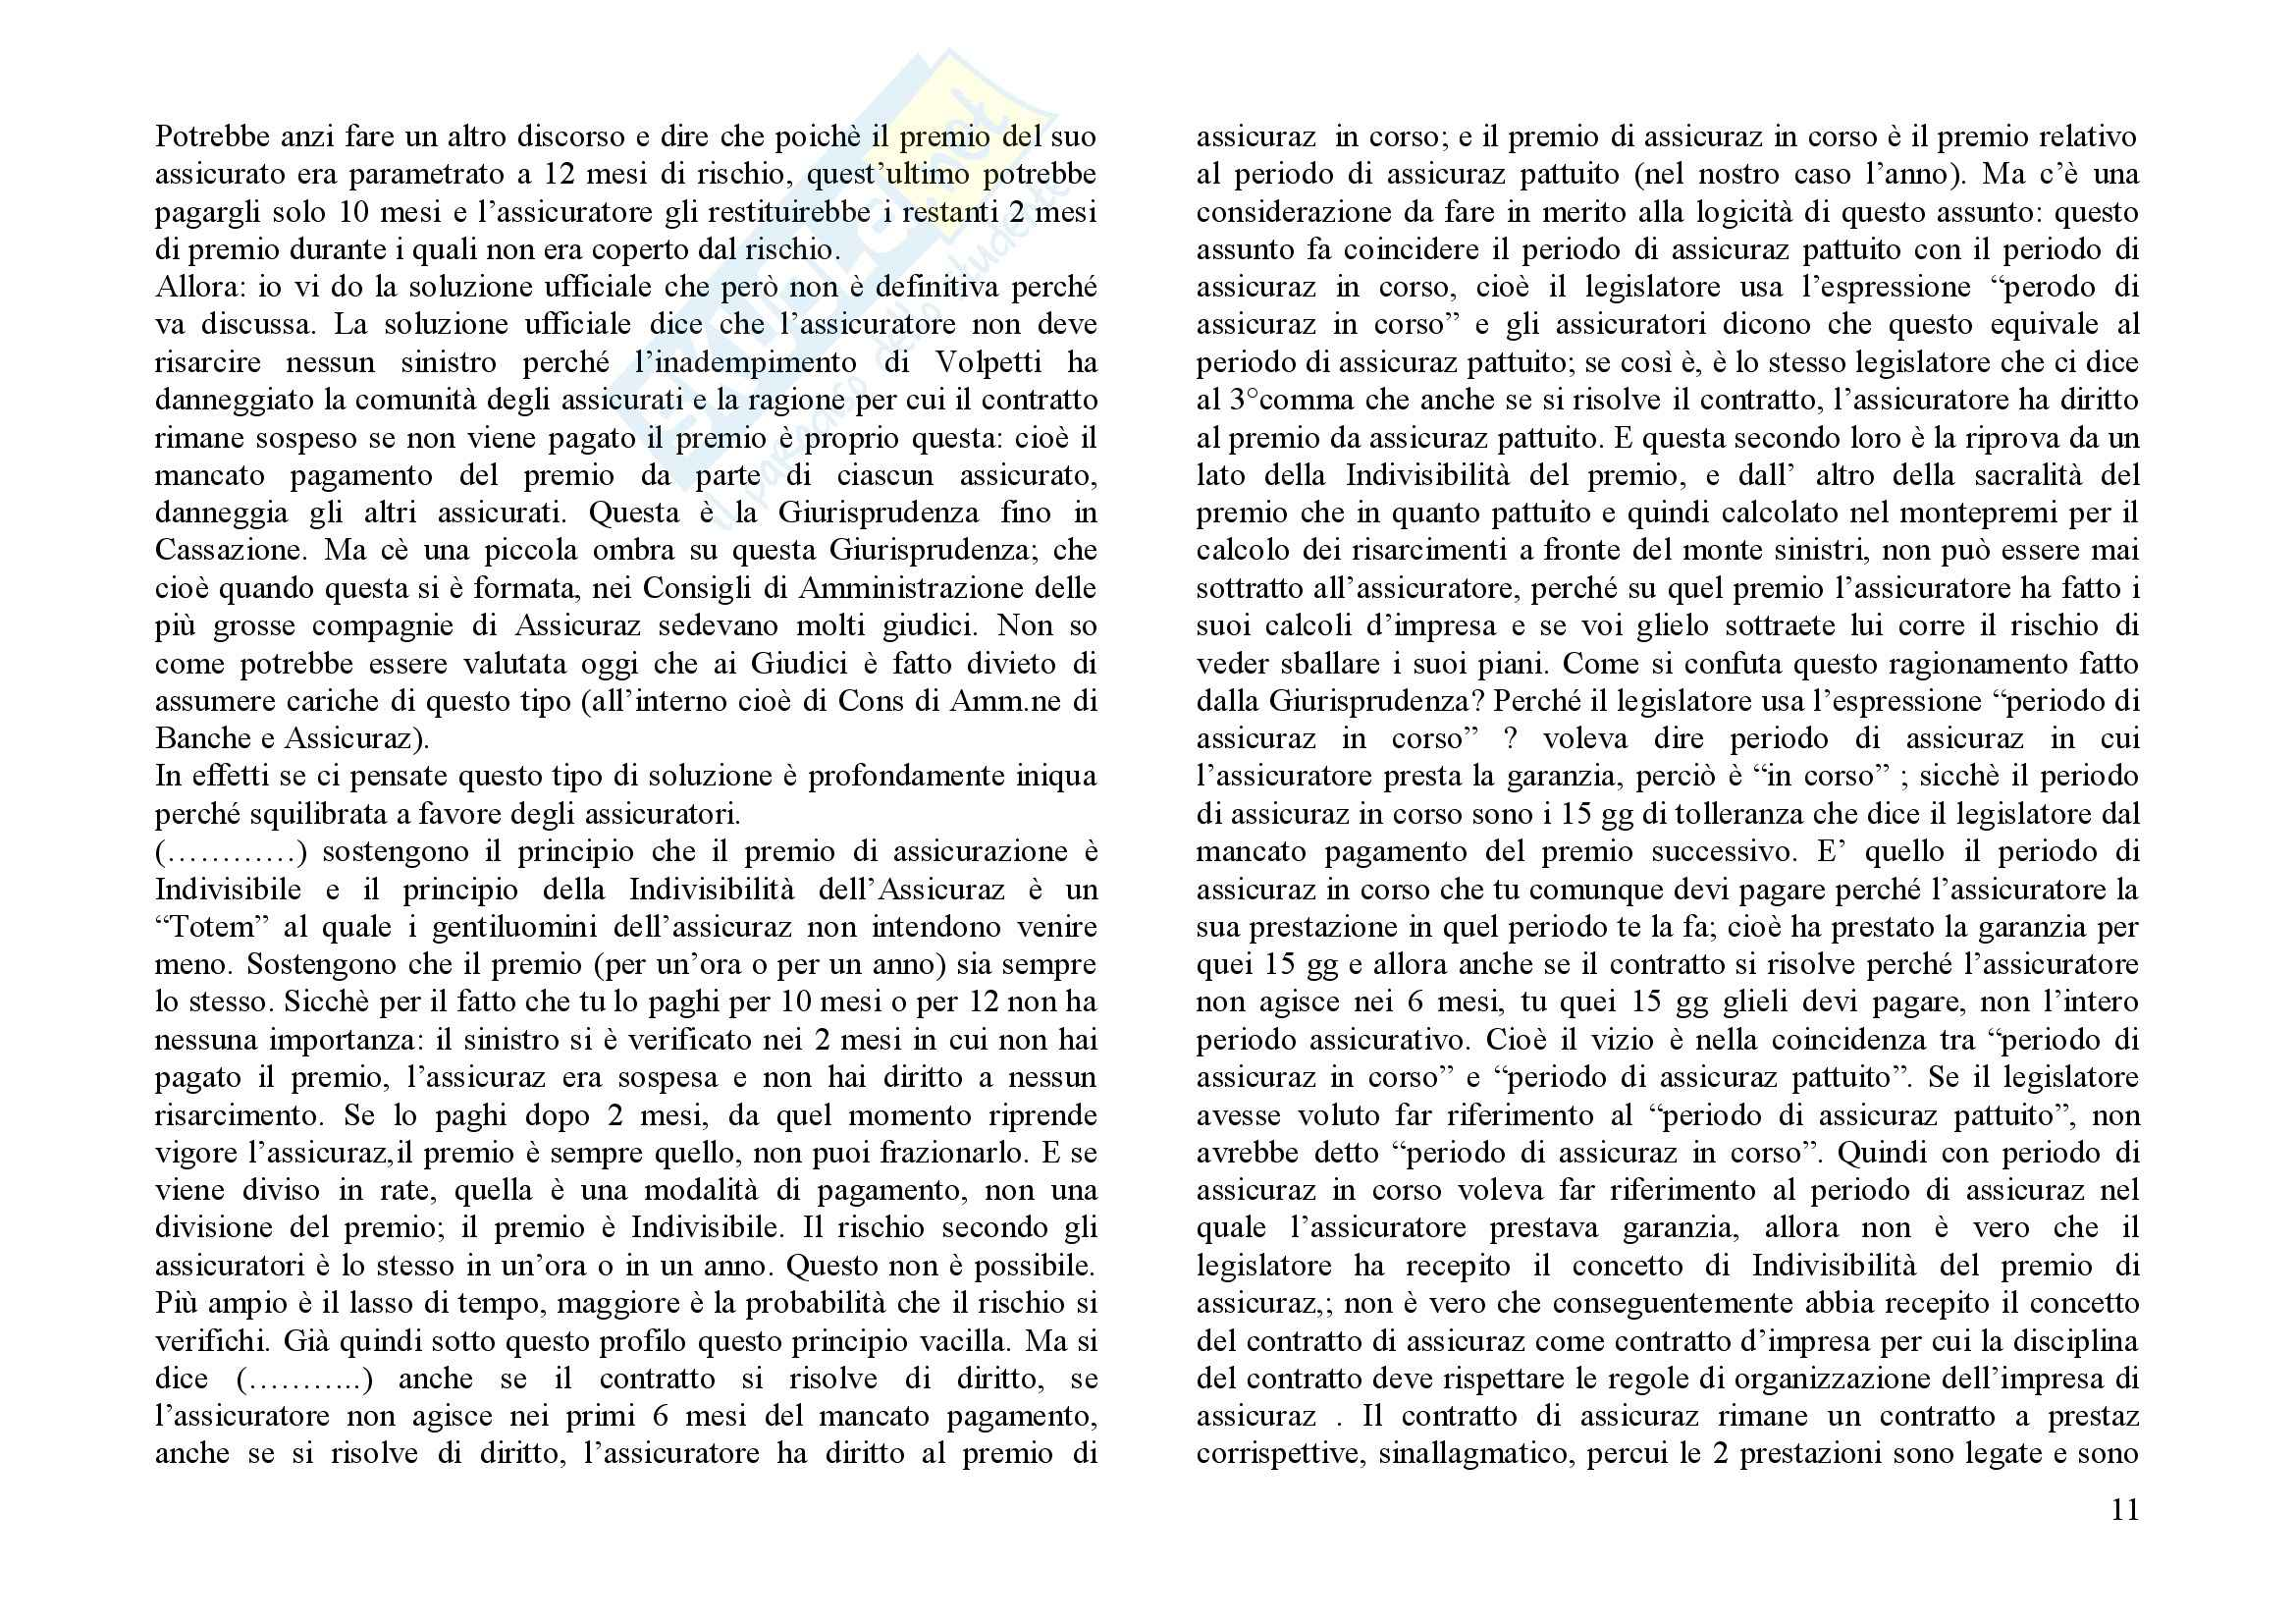 Manuale di diritto commerciale, Graziani, Minervini - Appunti Pag. 11